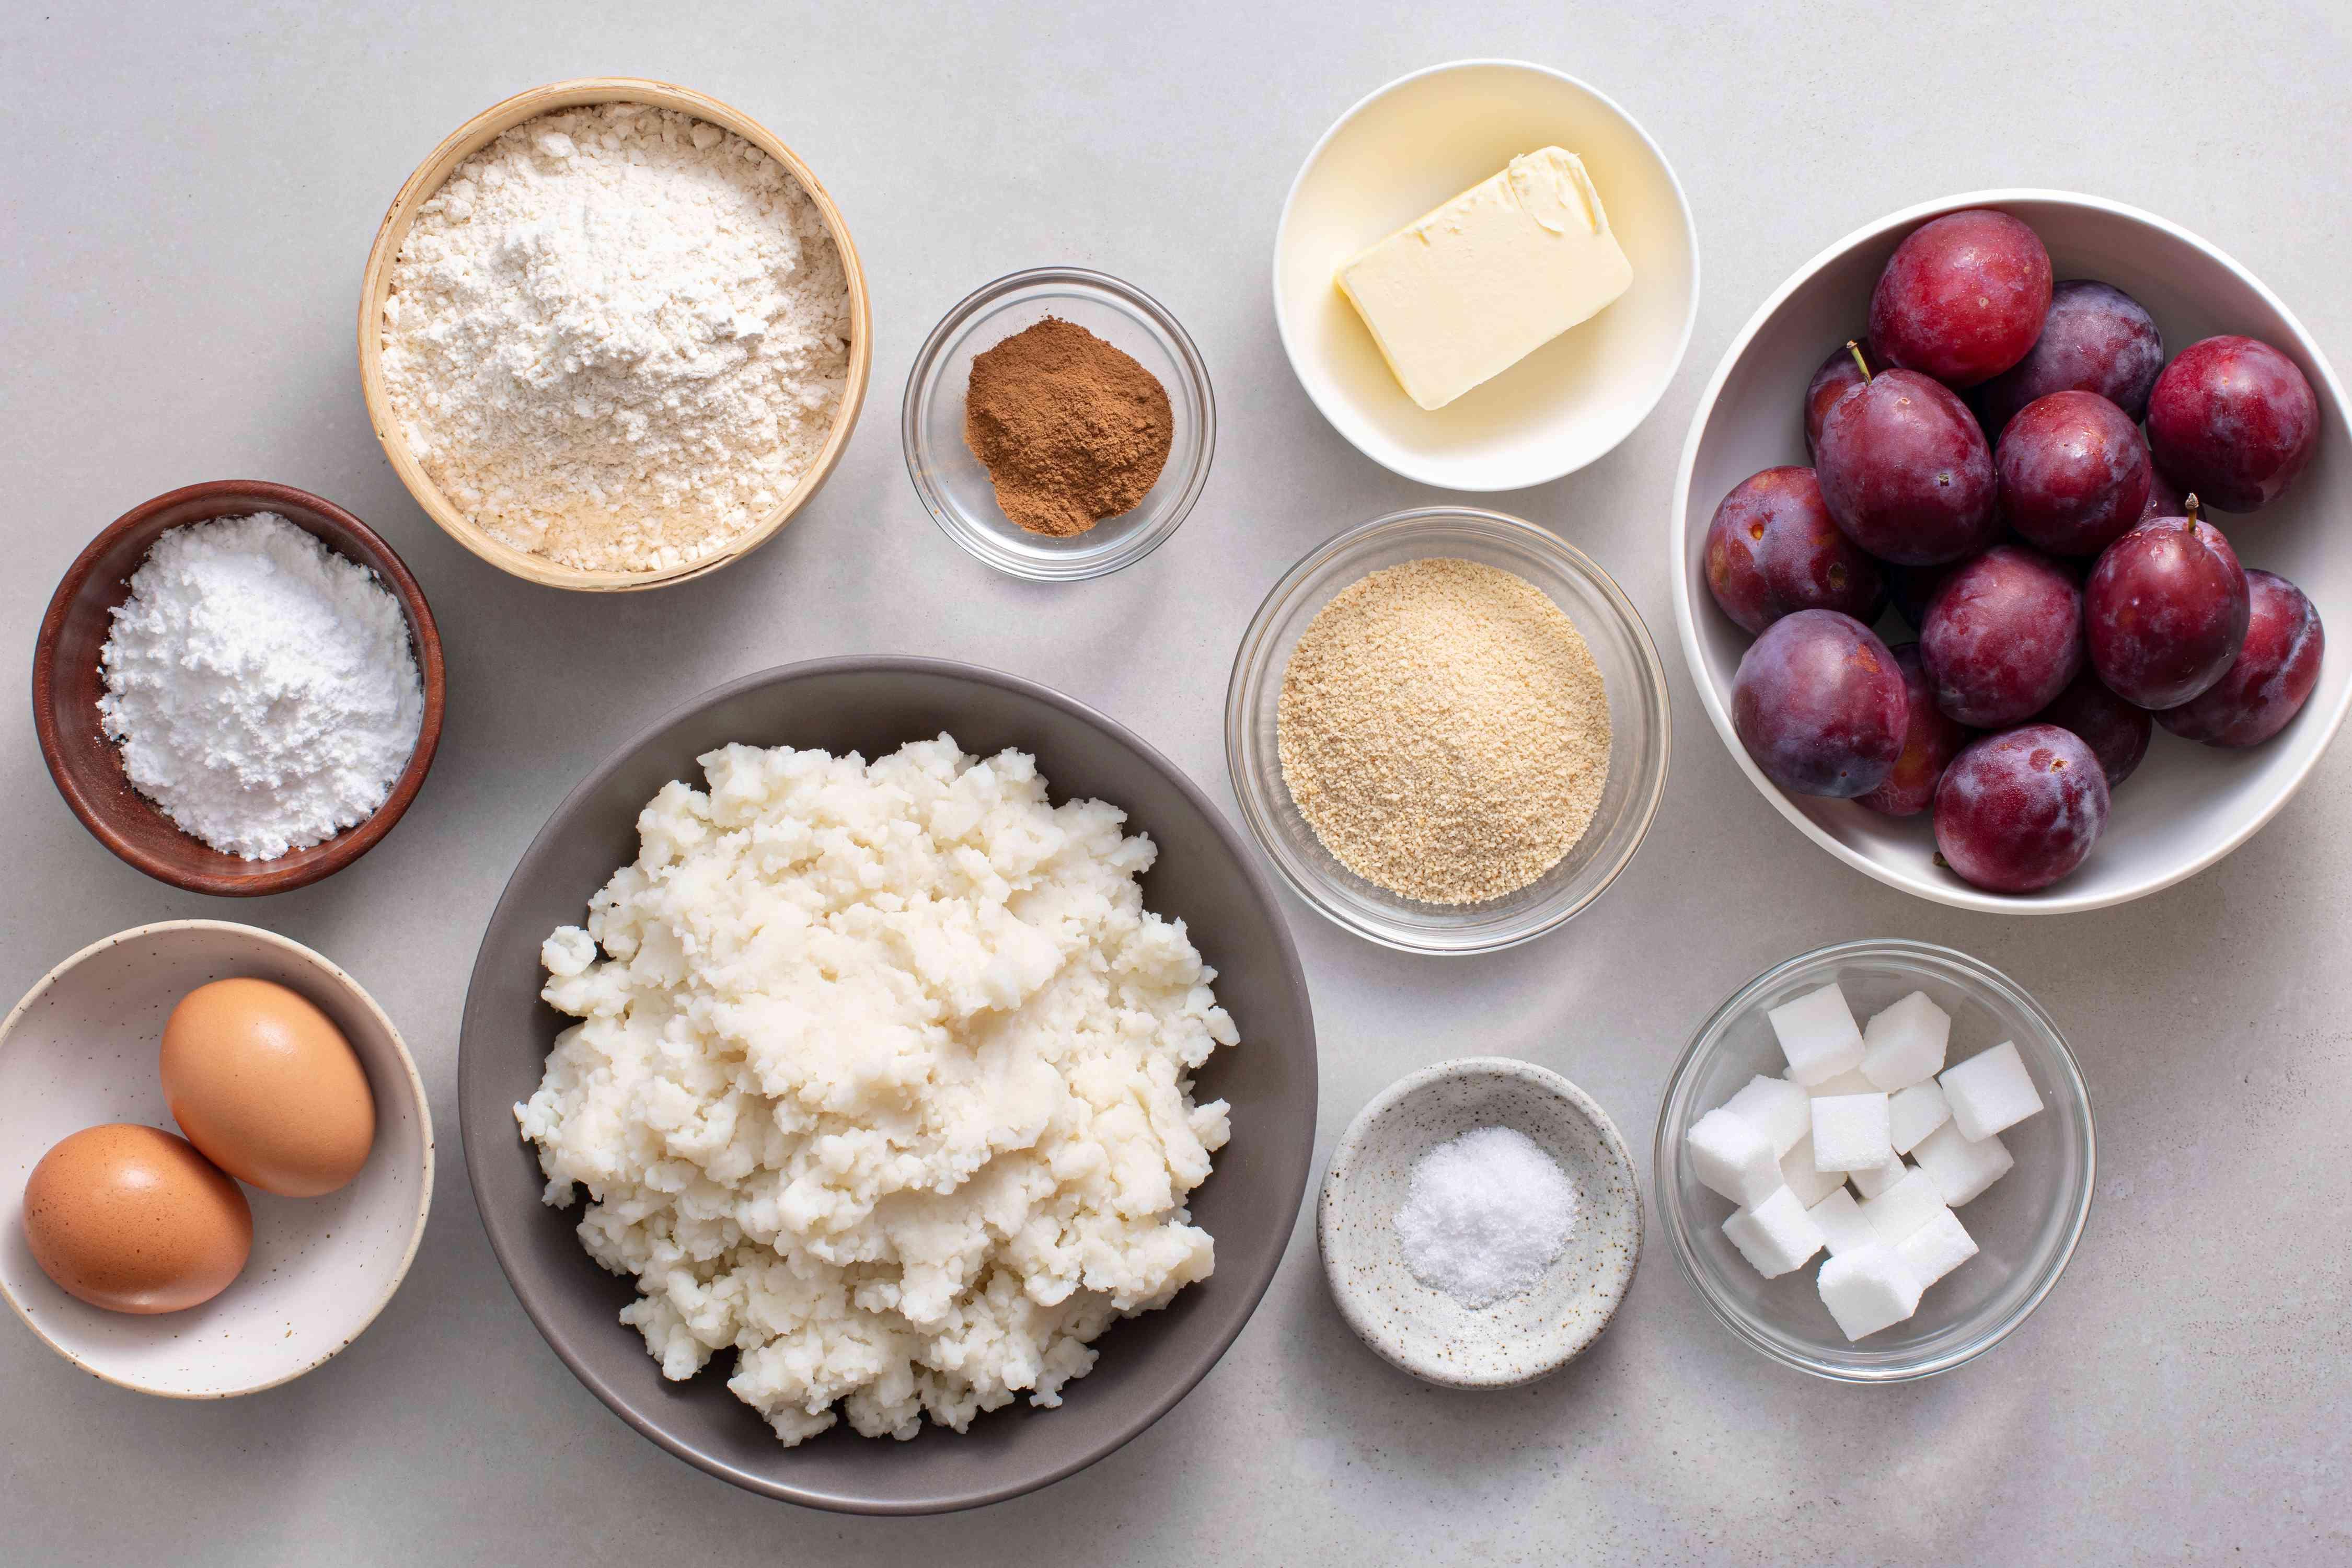 Croatian Plum Dumplings Recipe - Knedle s Sljivama ingredients